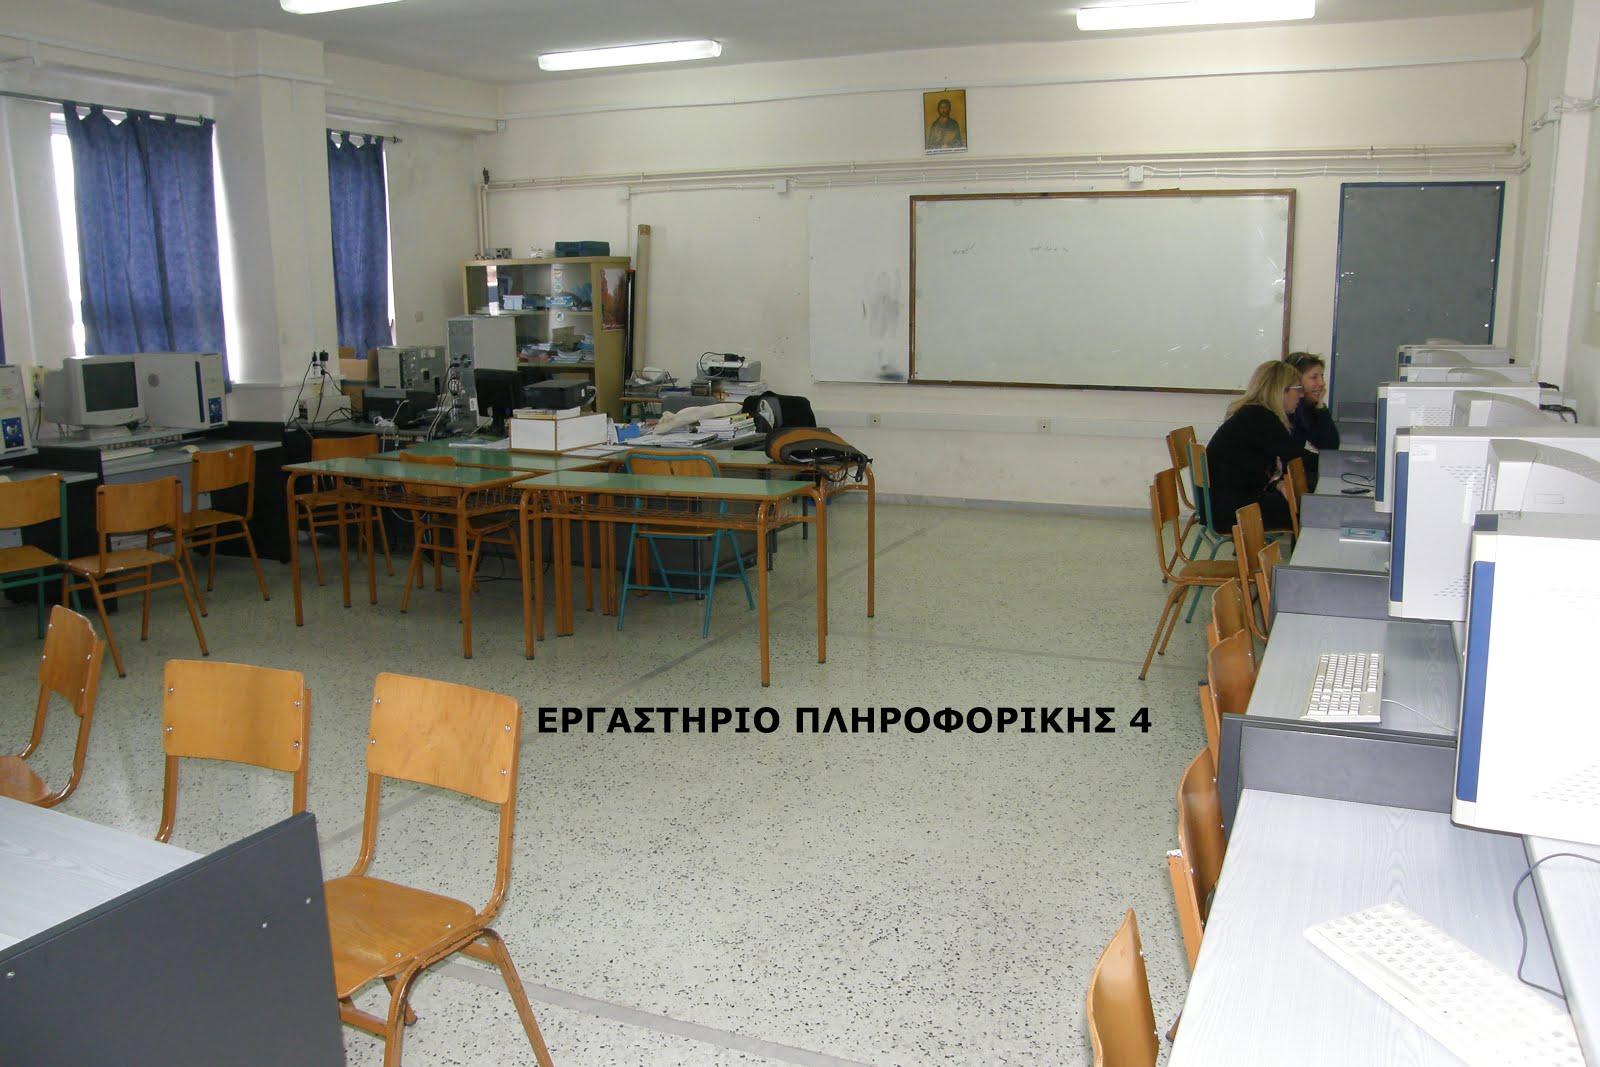 ΤΕΧΝΙΚΟΣ ΕΦΑΡΜΟΓΩΝ ΠΛΗΡΟΦΟΡΙΚΗΣ (1)